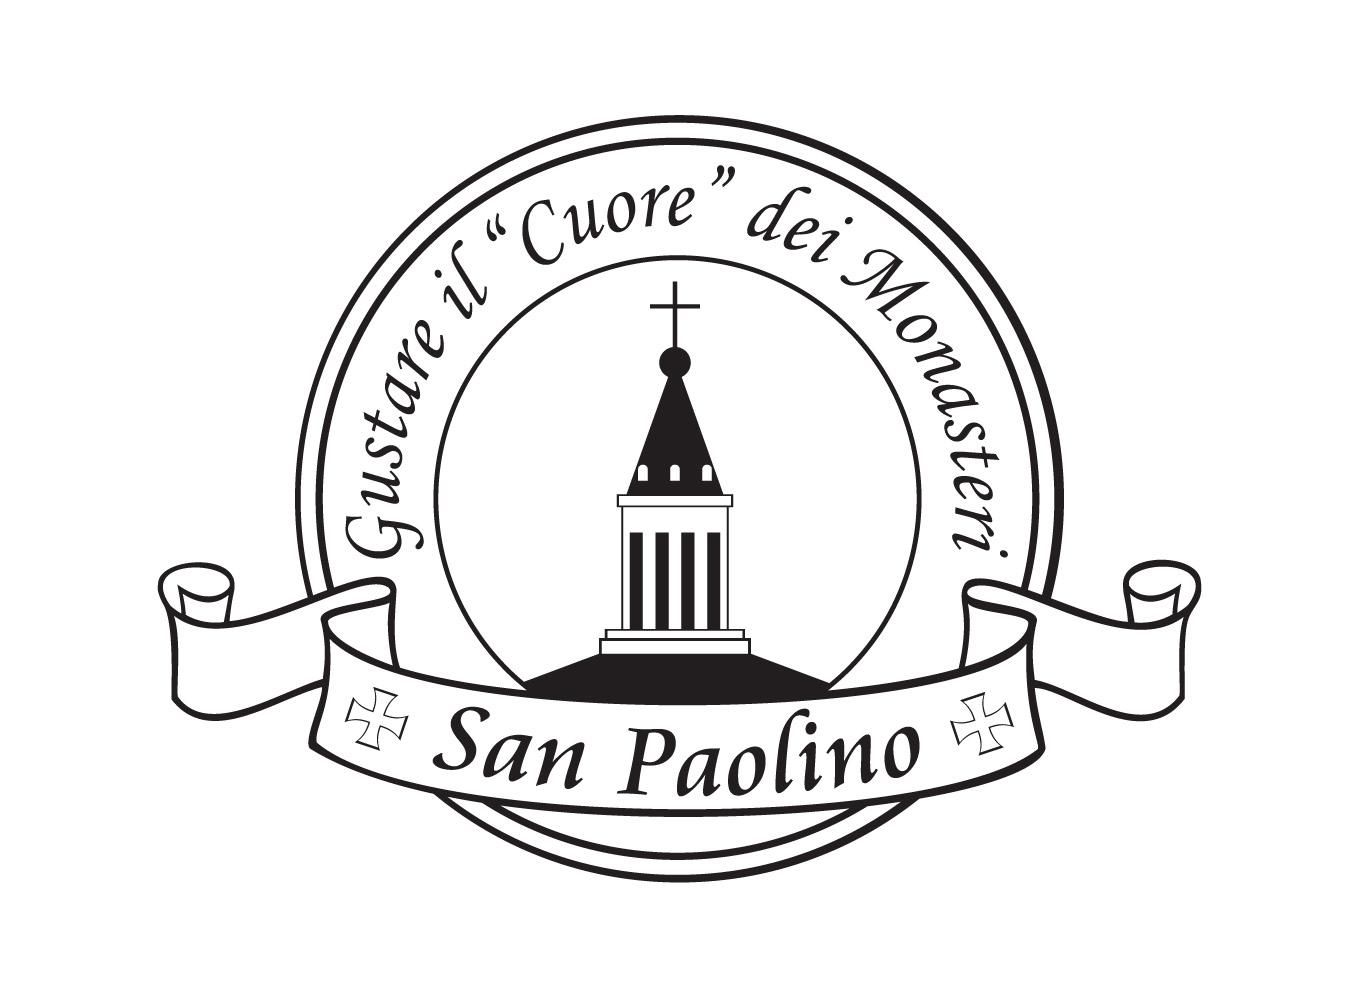 サンパオリーノ - 修道院製品のお店